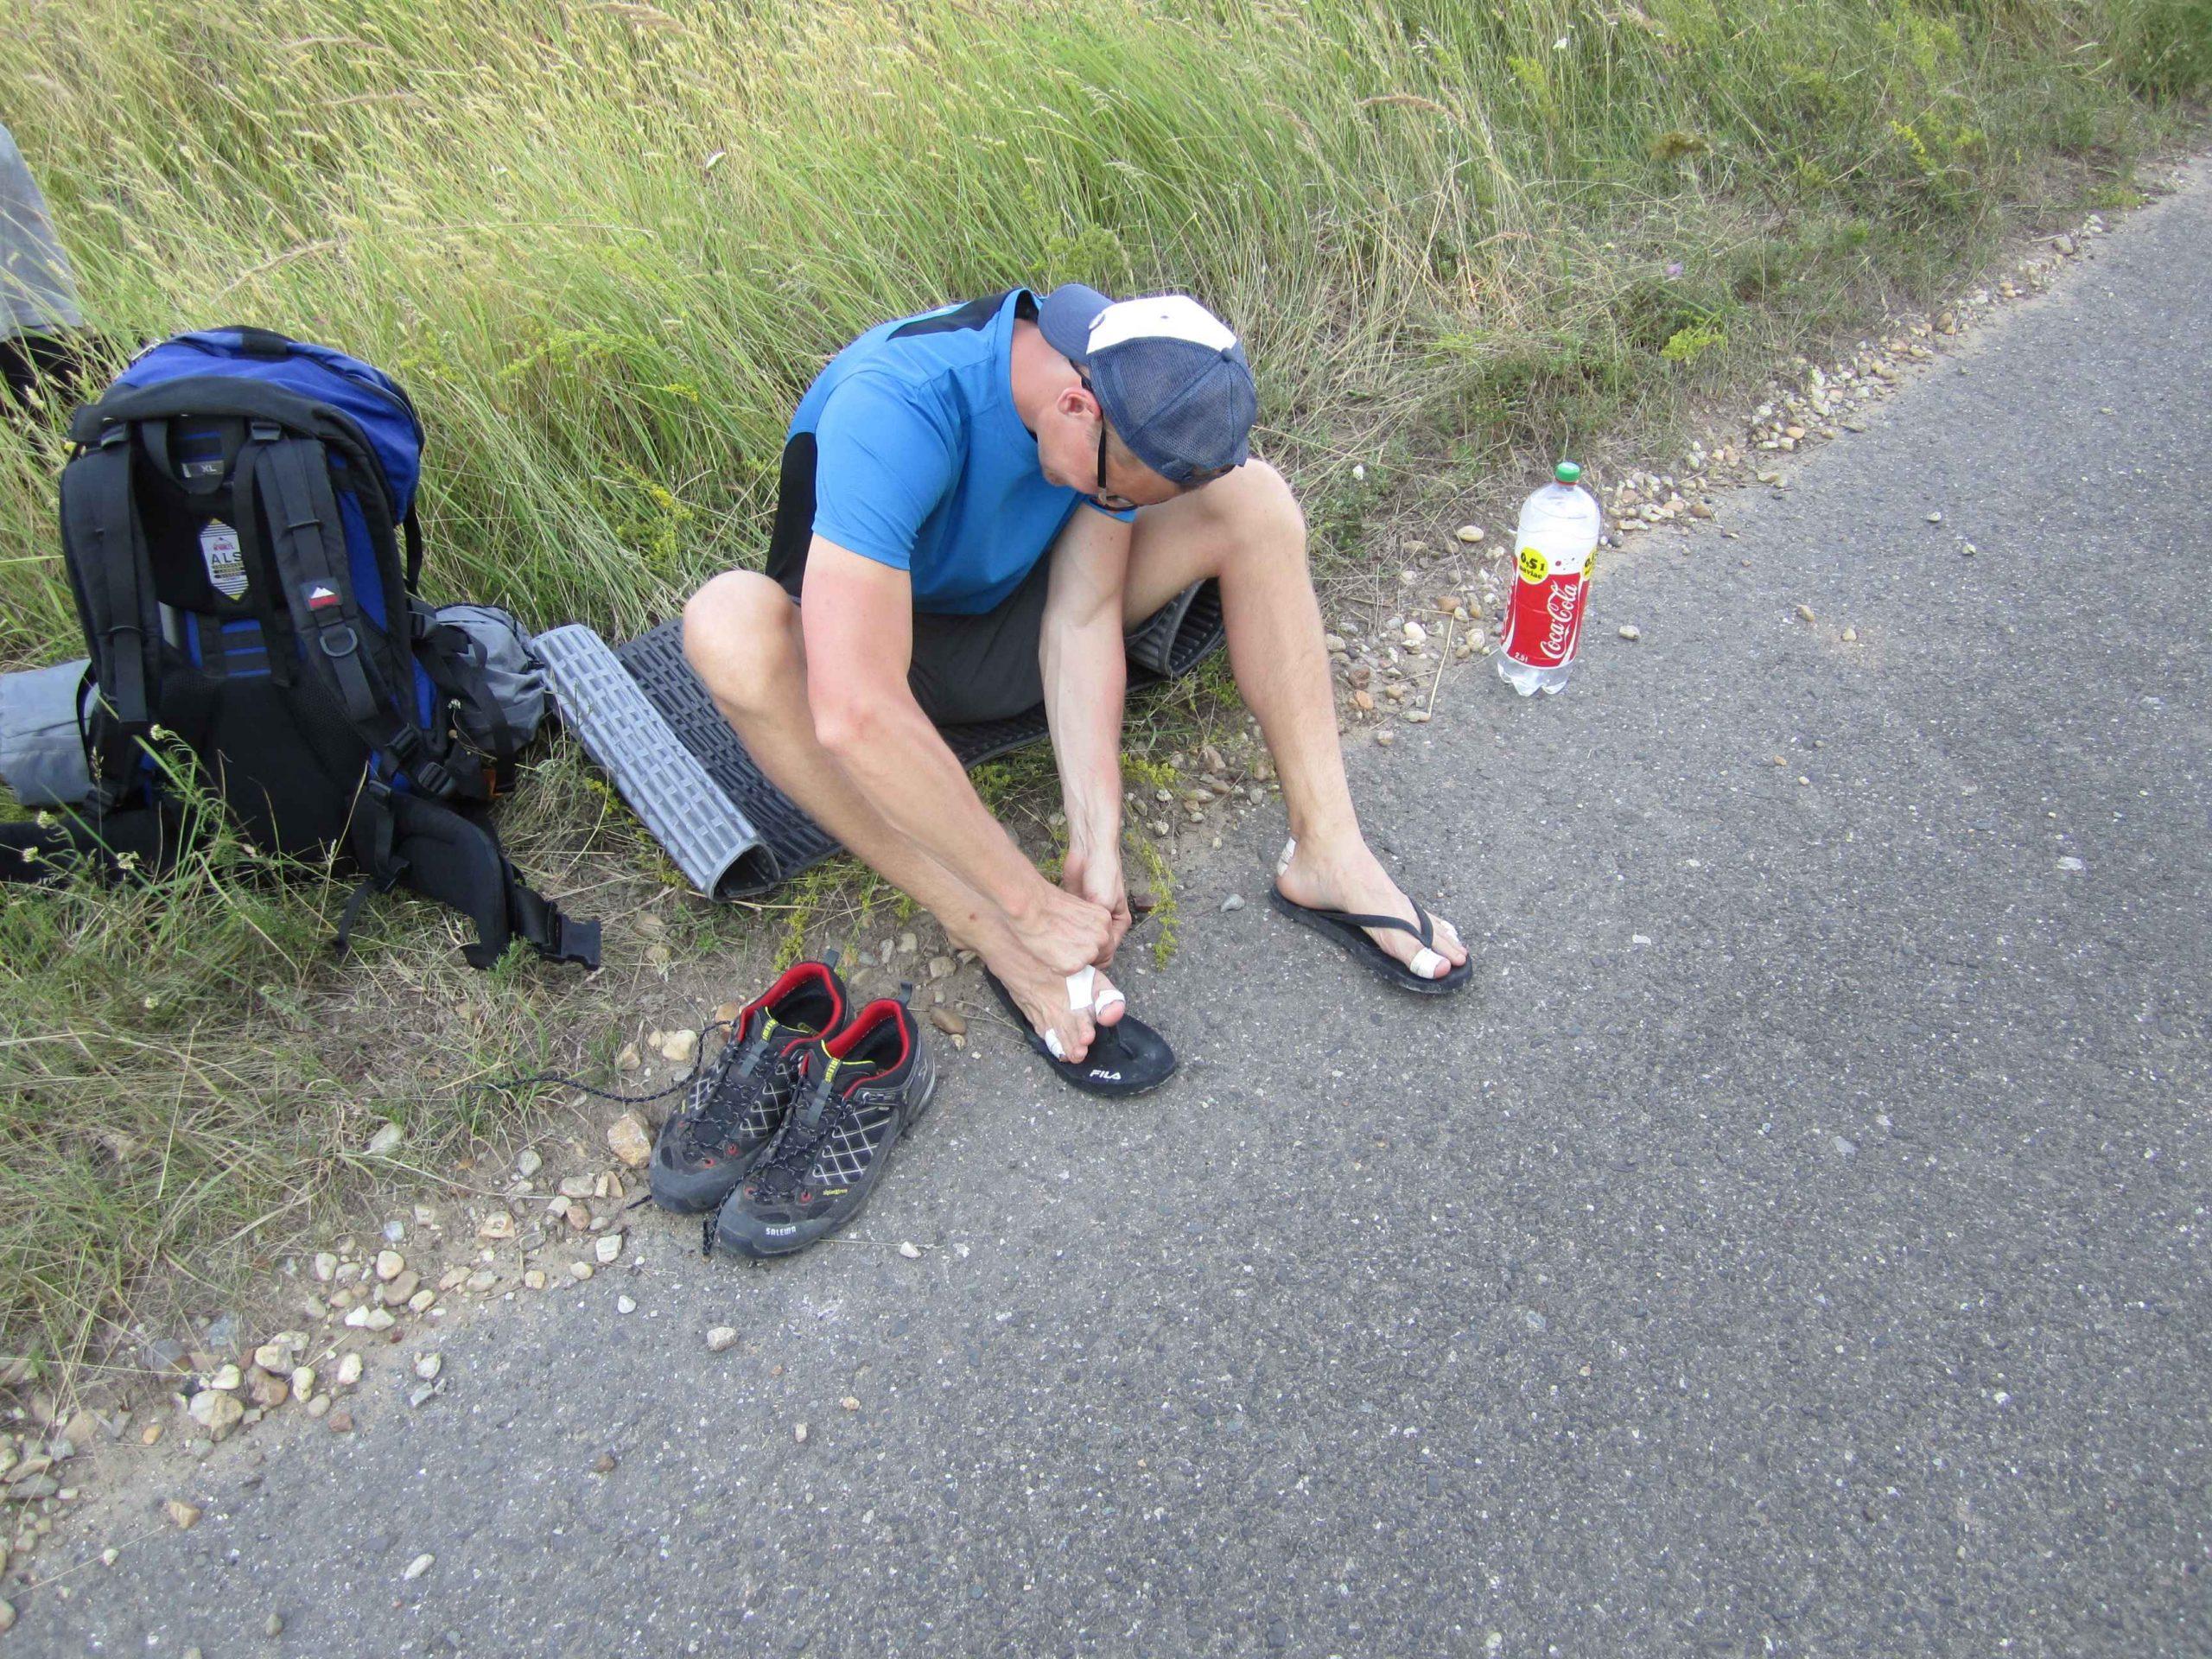 Meine erste Weitwanderung - Die Füße schmerzen. Blasen überall. Tape und Umstieg auf Flip Flops sollen helfen. Ob das hilft?